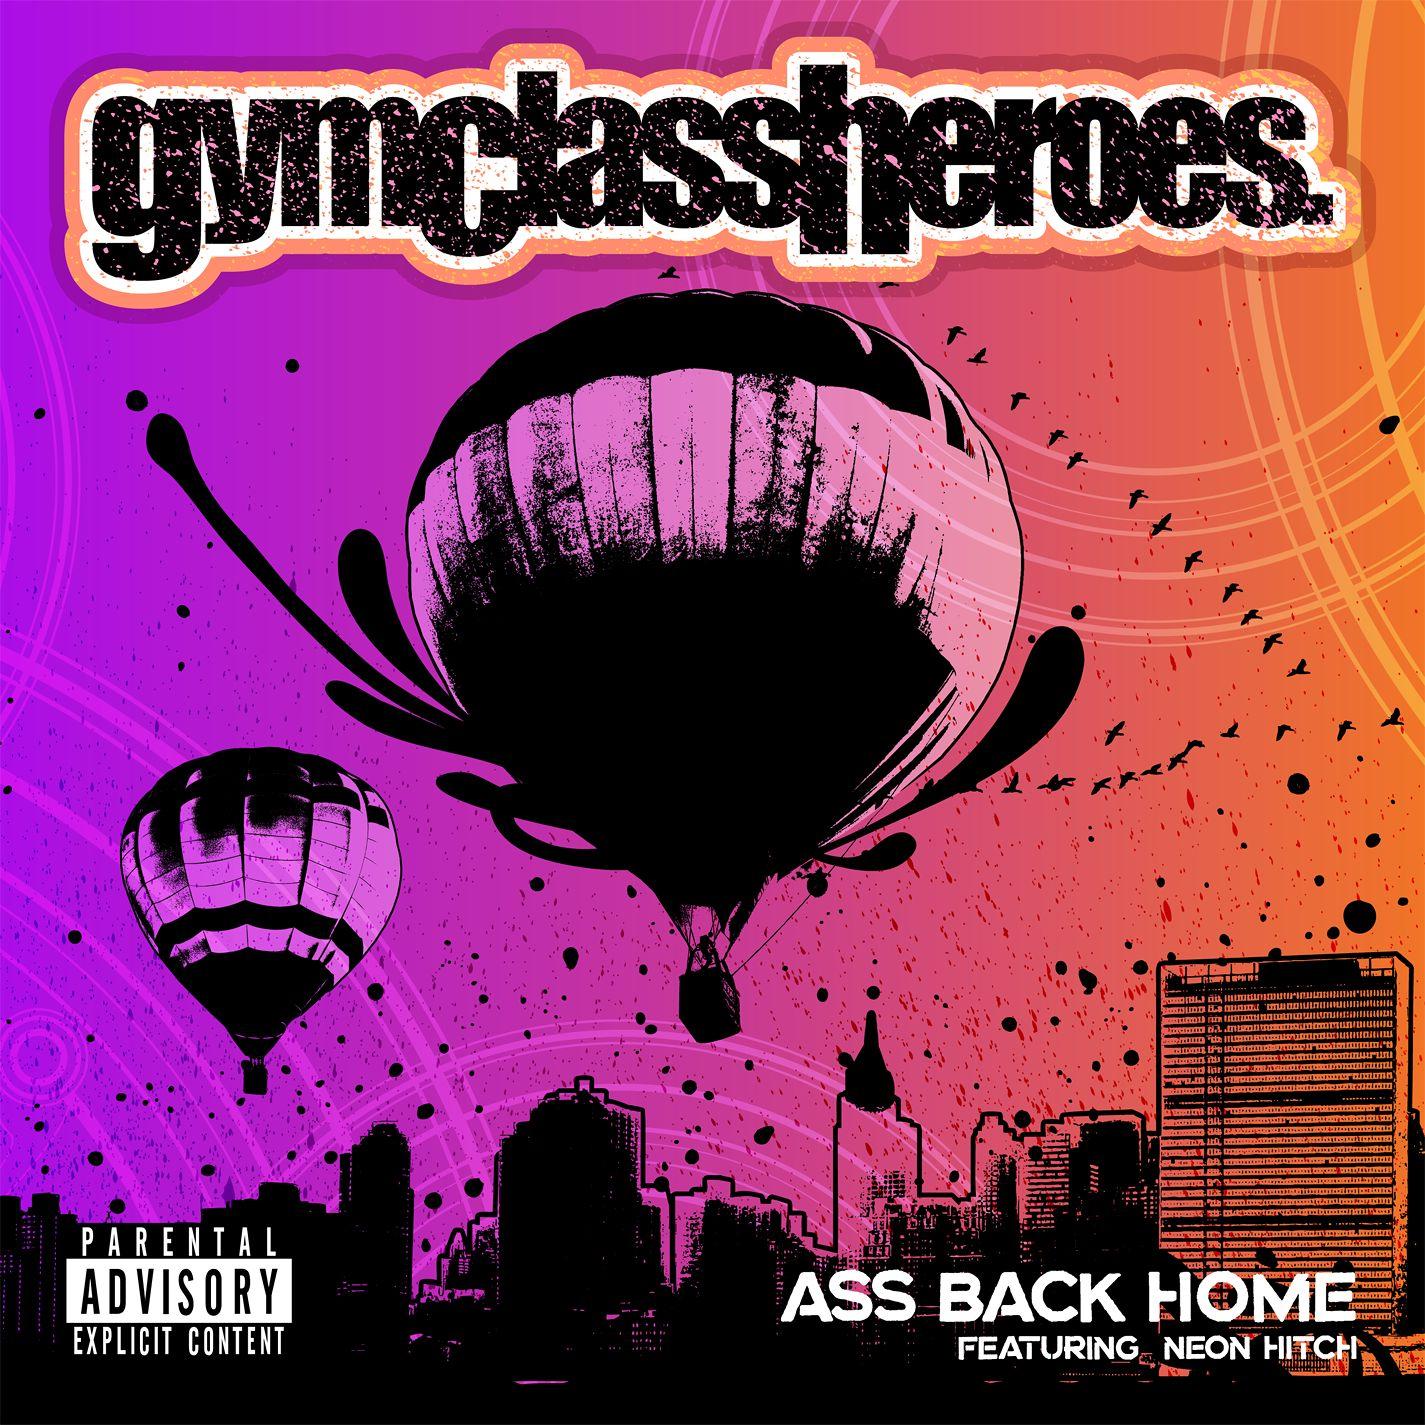 دانلود زیرنویس فارسی فیلم Gym Class Heroes Feat. Neon Hitch: Ass Back Home